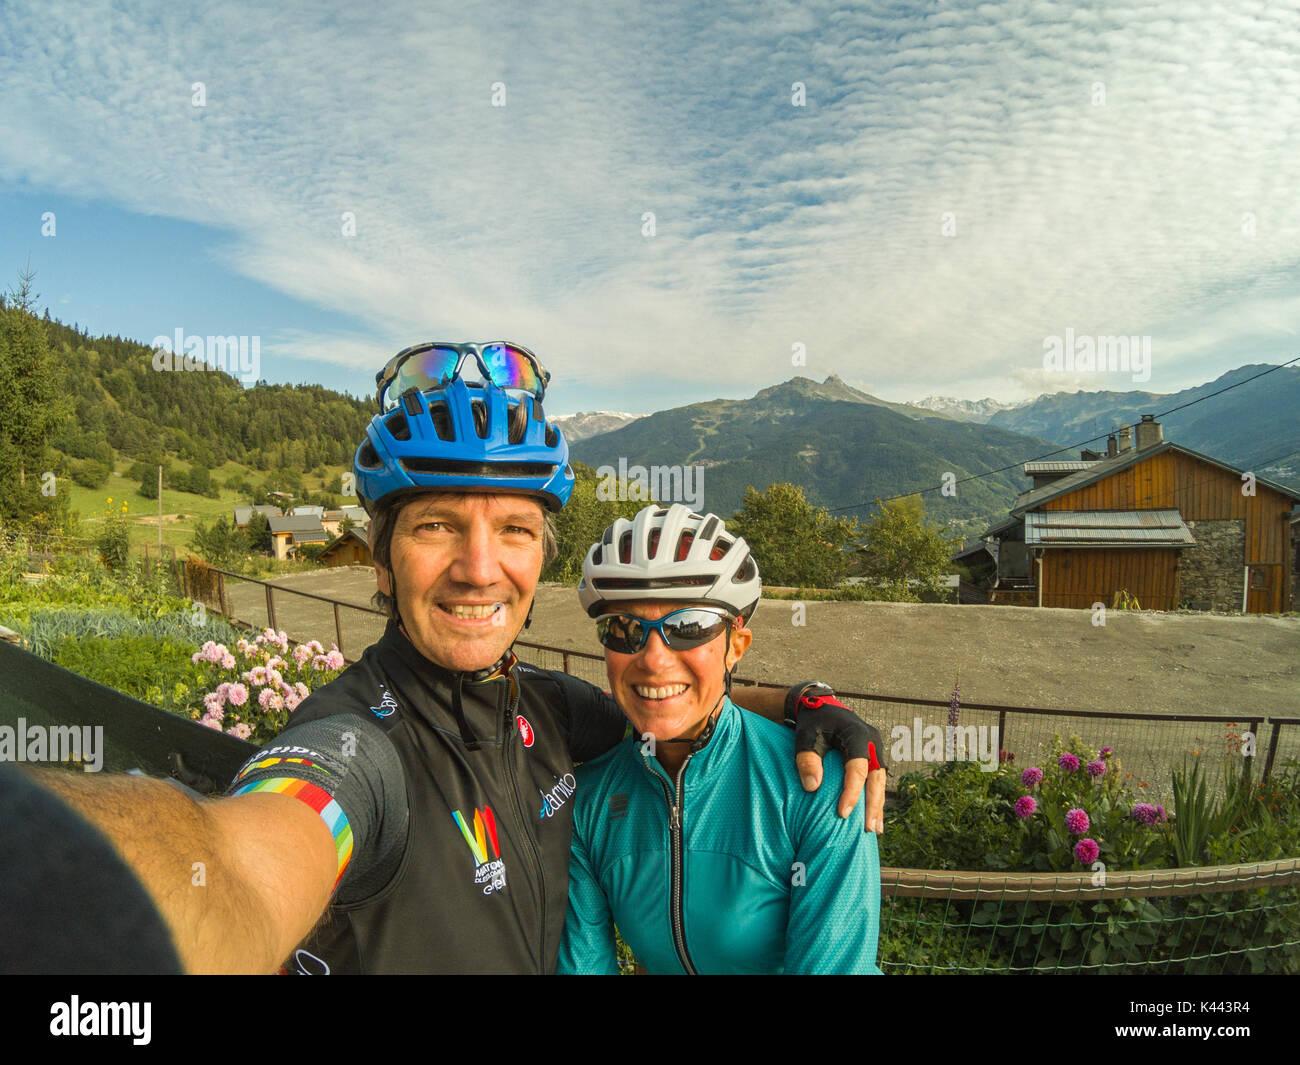 Vélo Montagne Alpes Deux cyclistes vélo cycle Selfies bikewear casques lunettes sur le paysage panoramique sur la vallée motif nuages Photo Stock